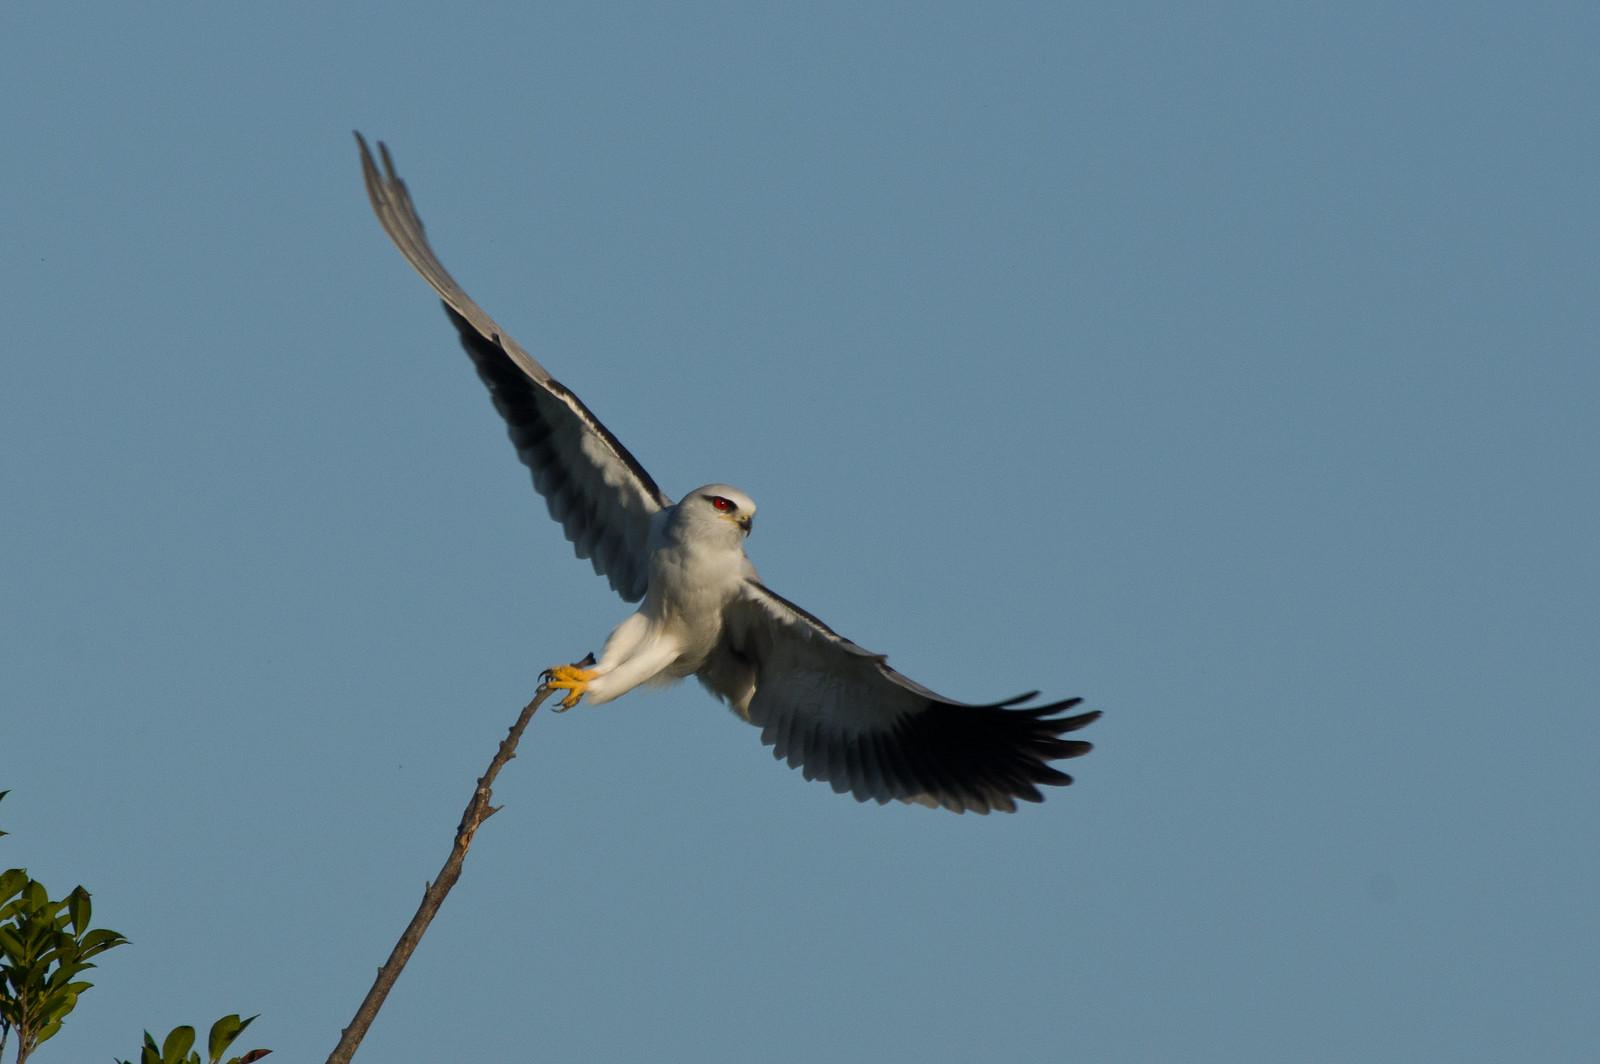 黑翅鳶飛行版